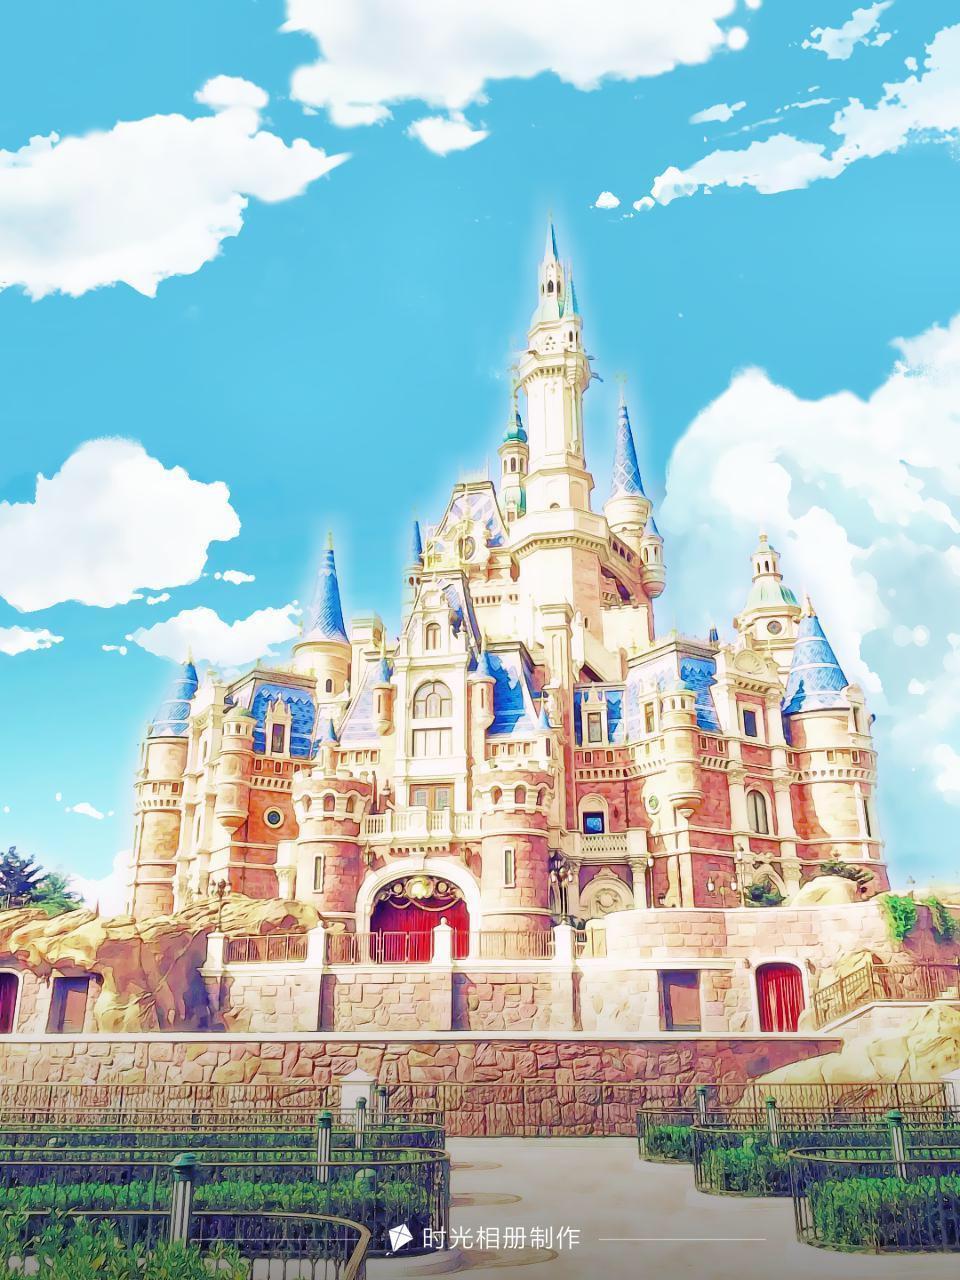 迪士尼的梦幻城堡